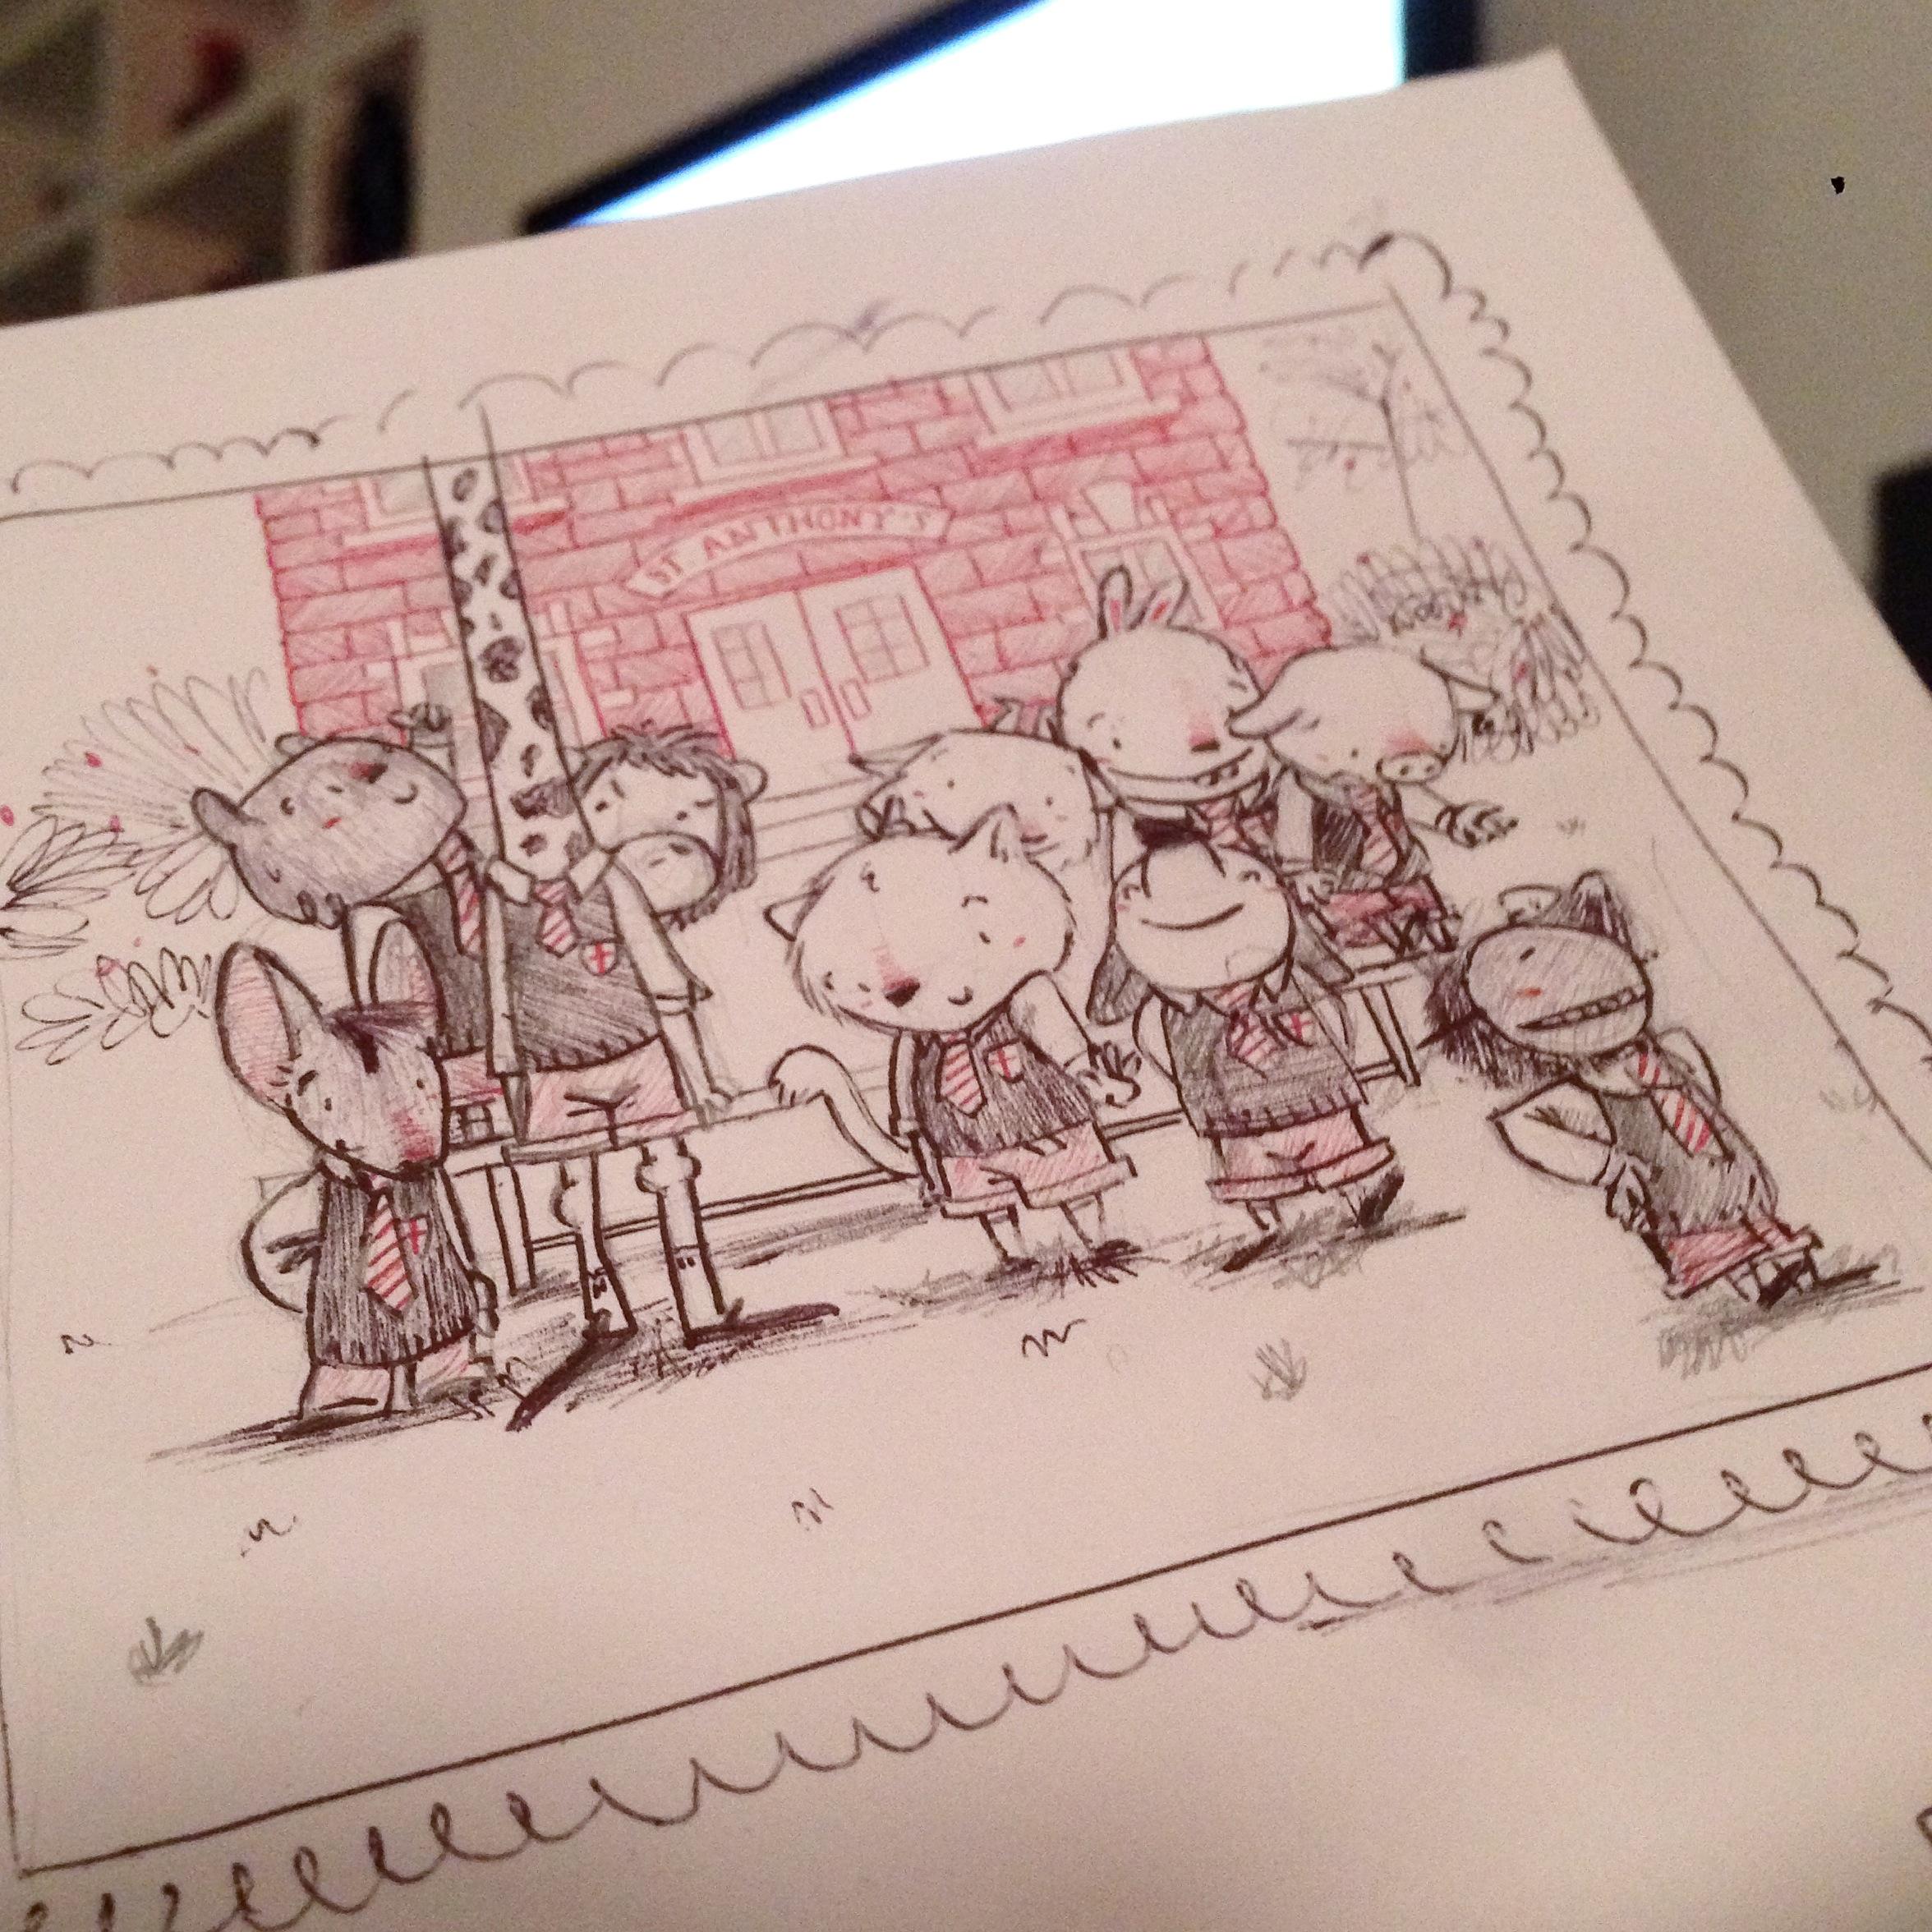 sketchbook sketch boceto cuaderno dibujo doodle garabato urban sketcher idea children's book illustration ilustración infantil animales animals school photography foto